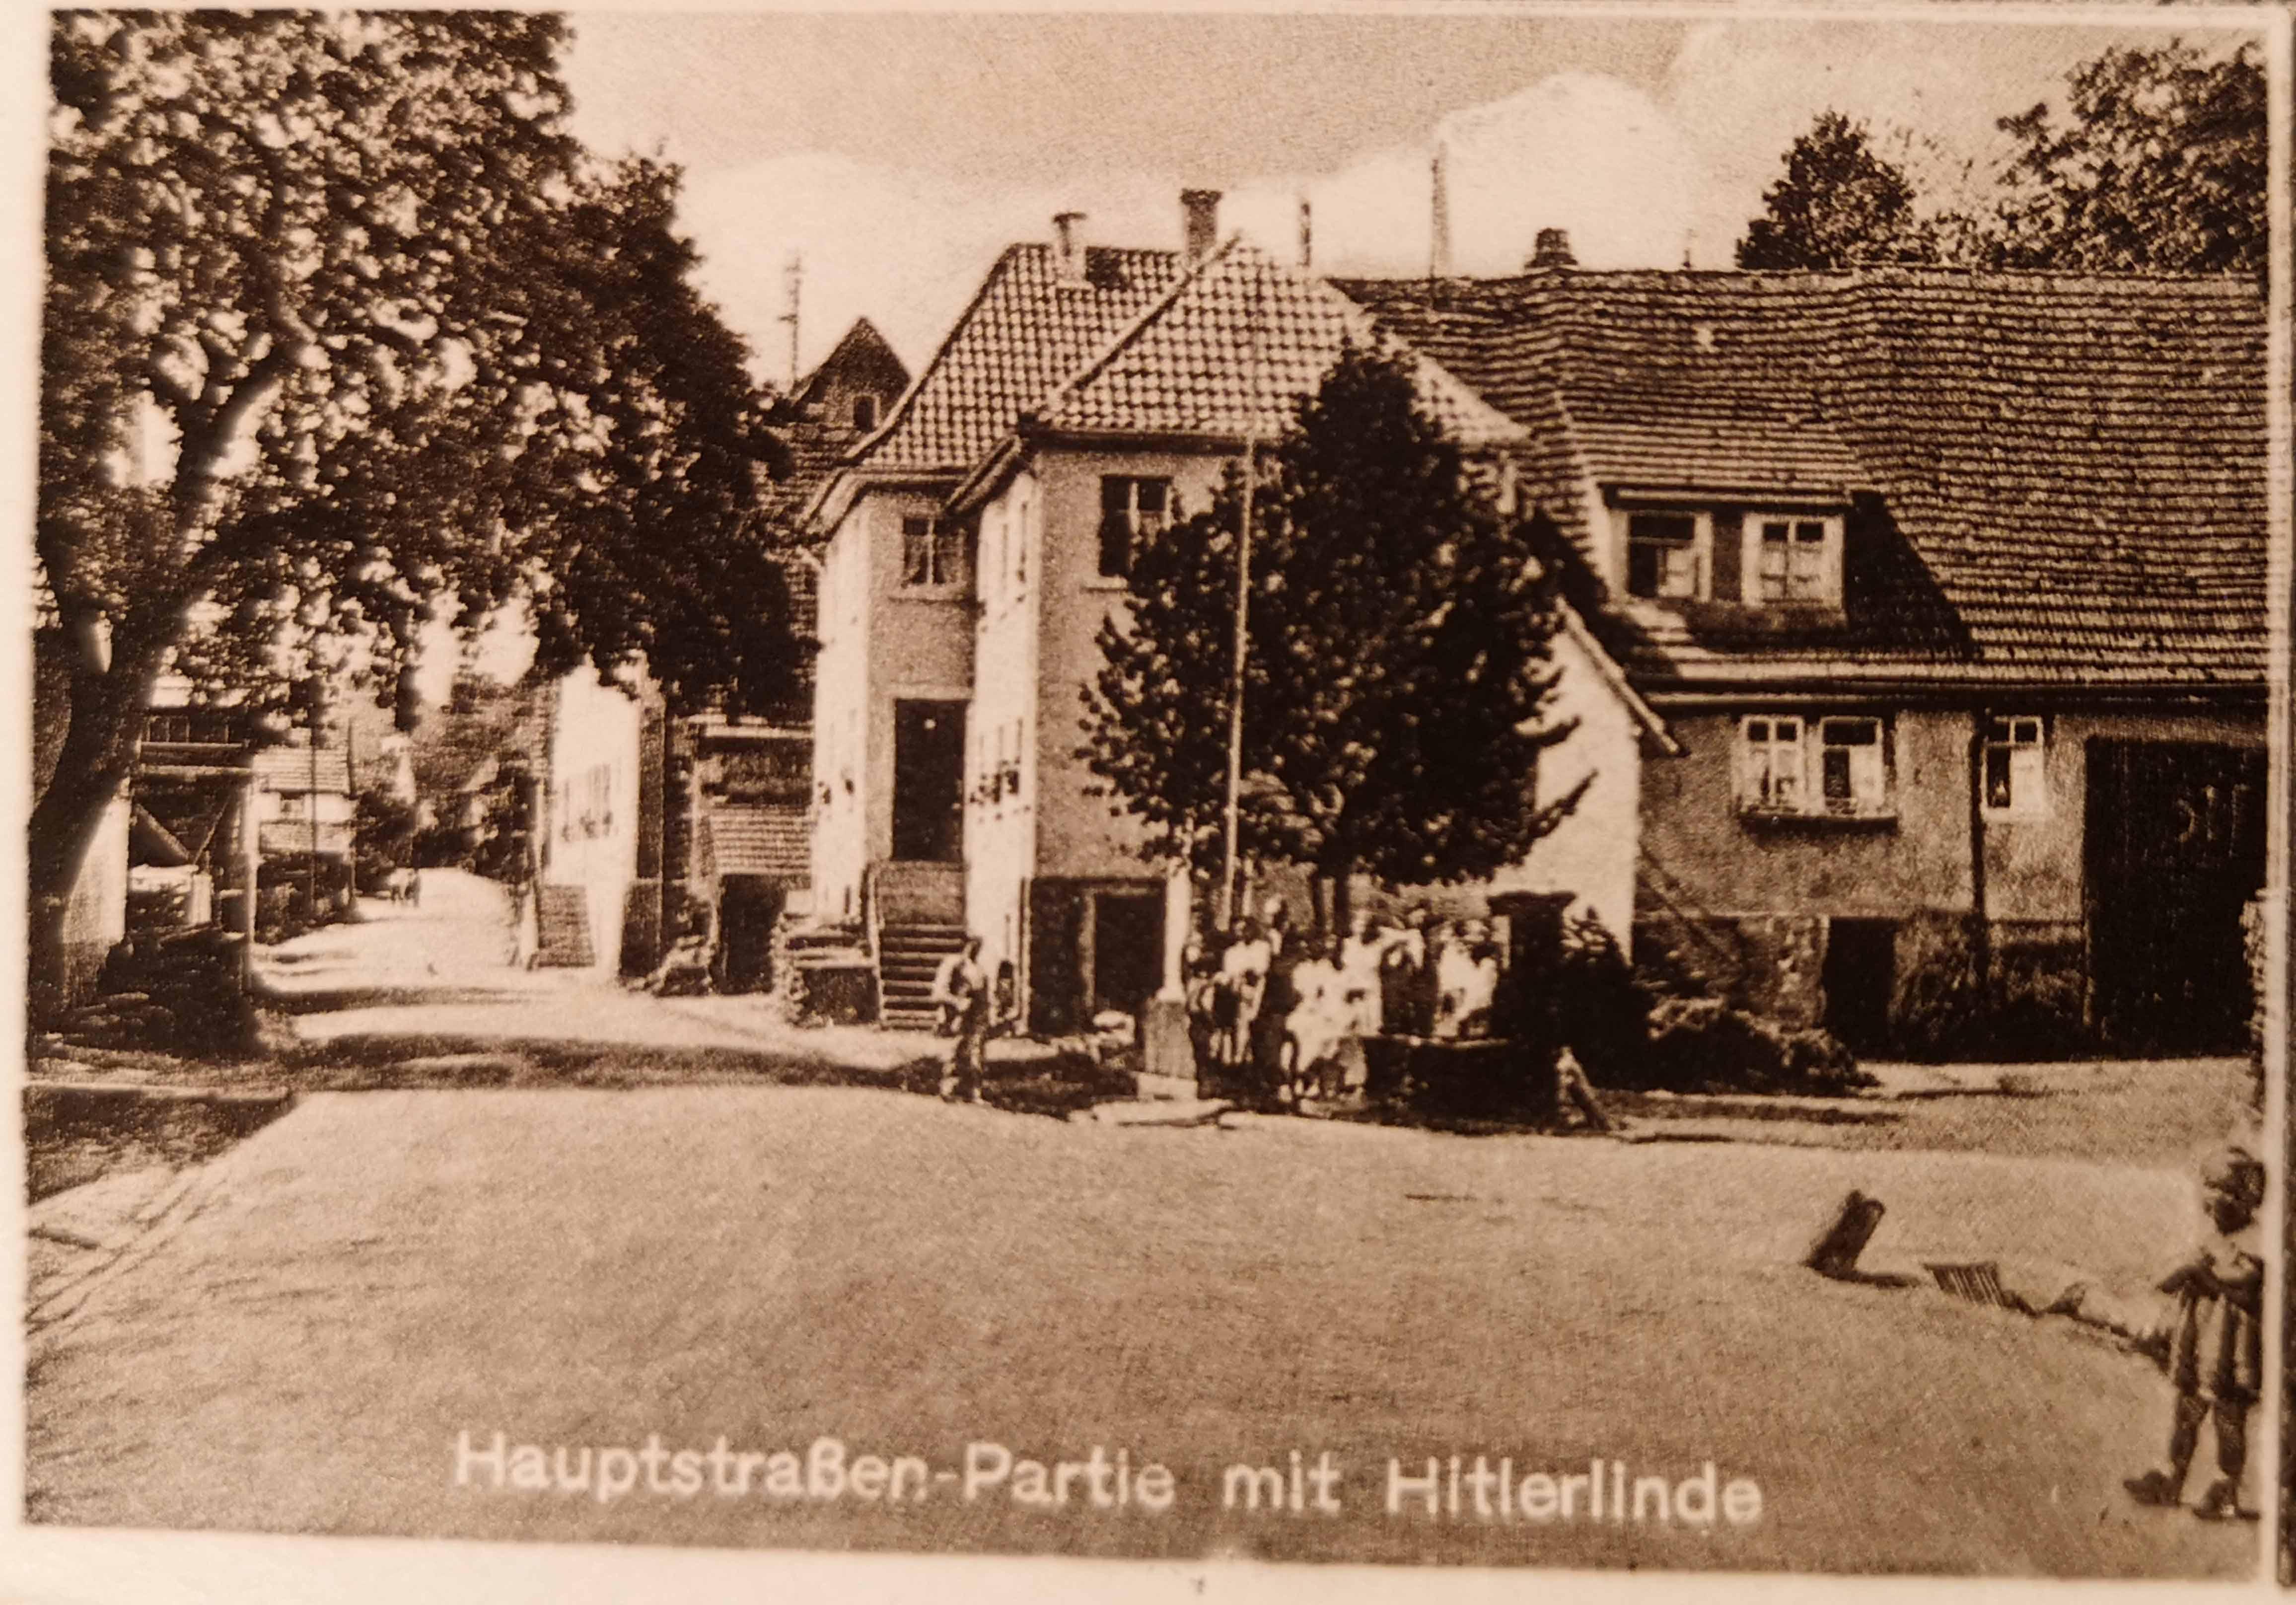 Hauptstraßen-Partie mit Hitlerlinde, einer Pflanze, die besonders gepflegt wird